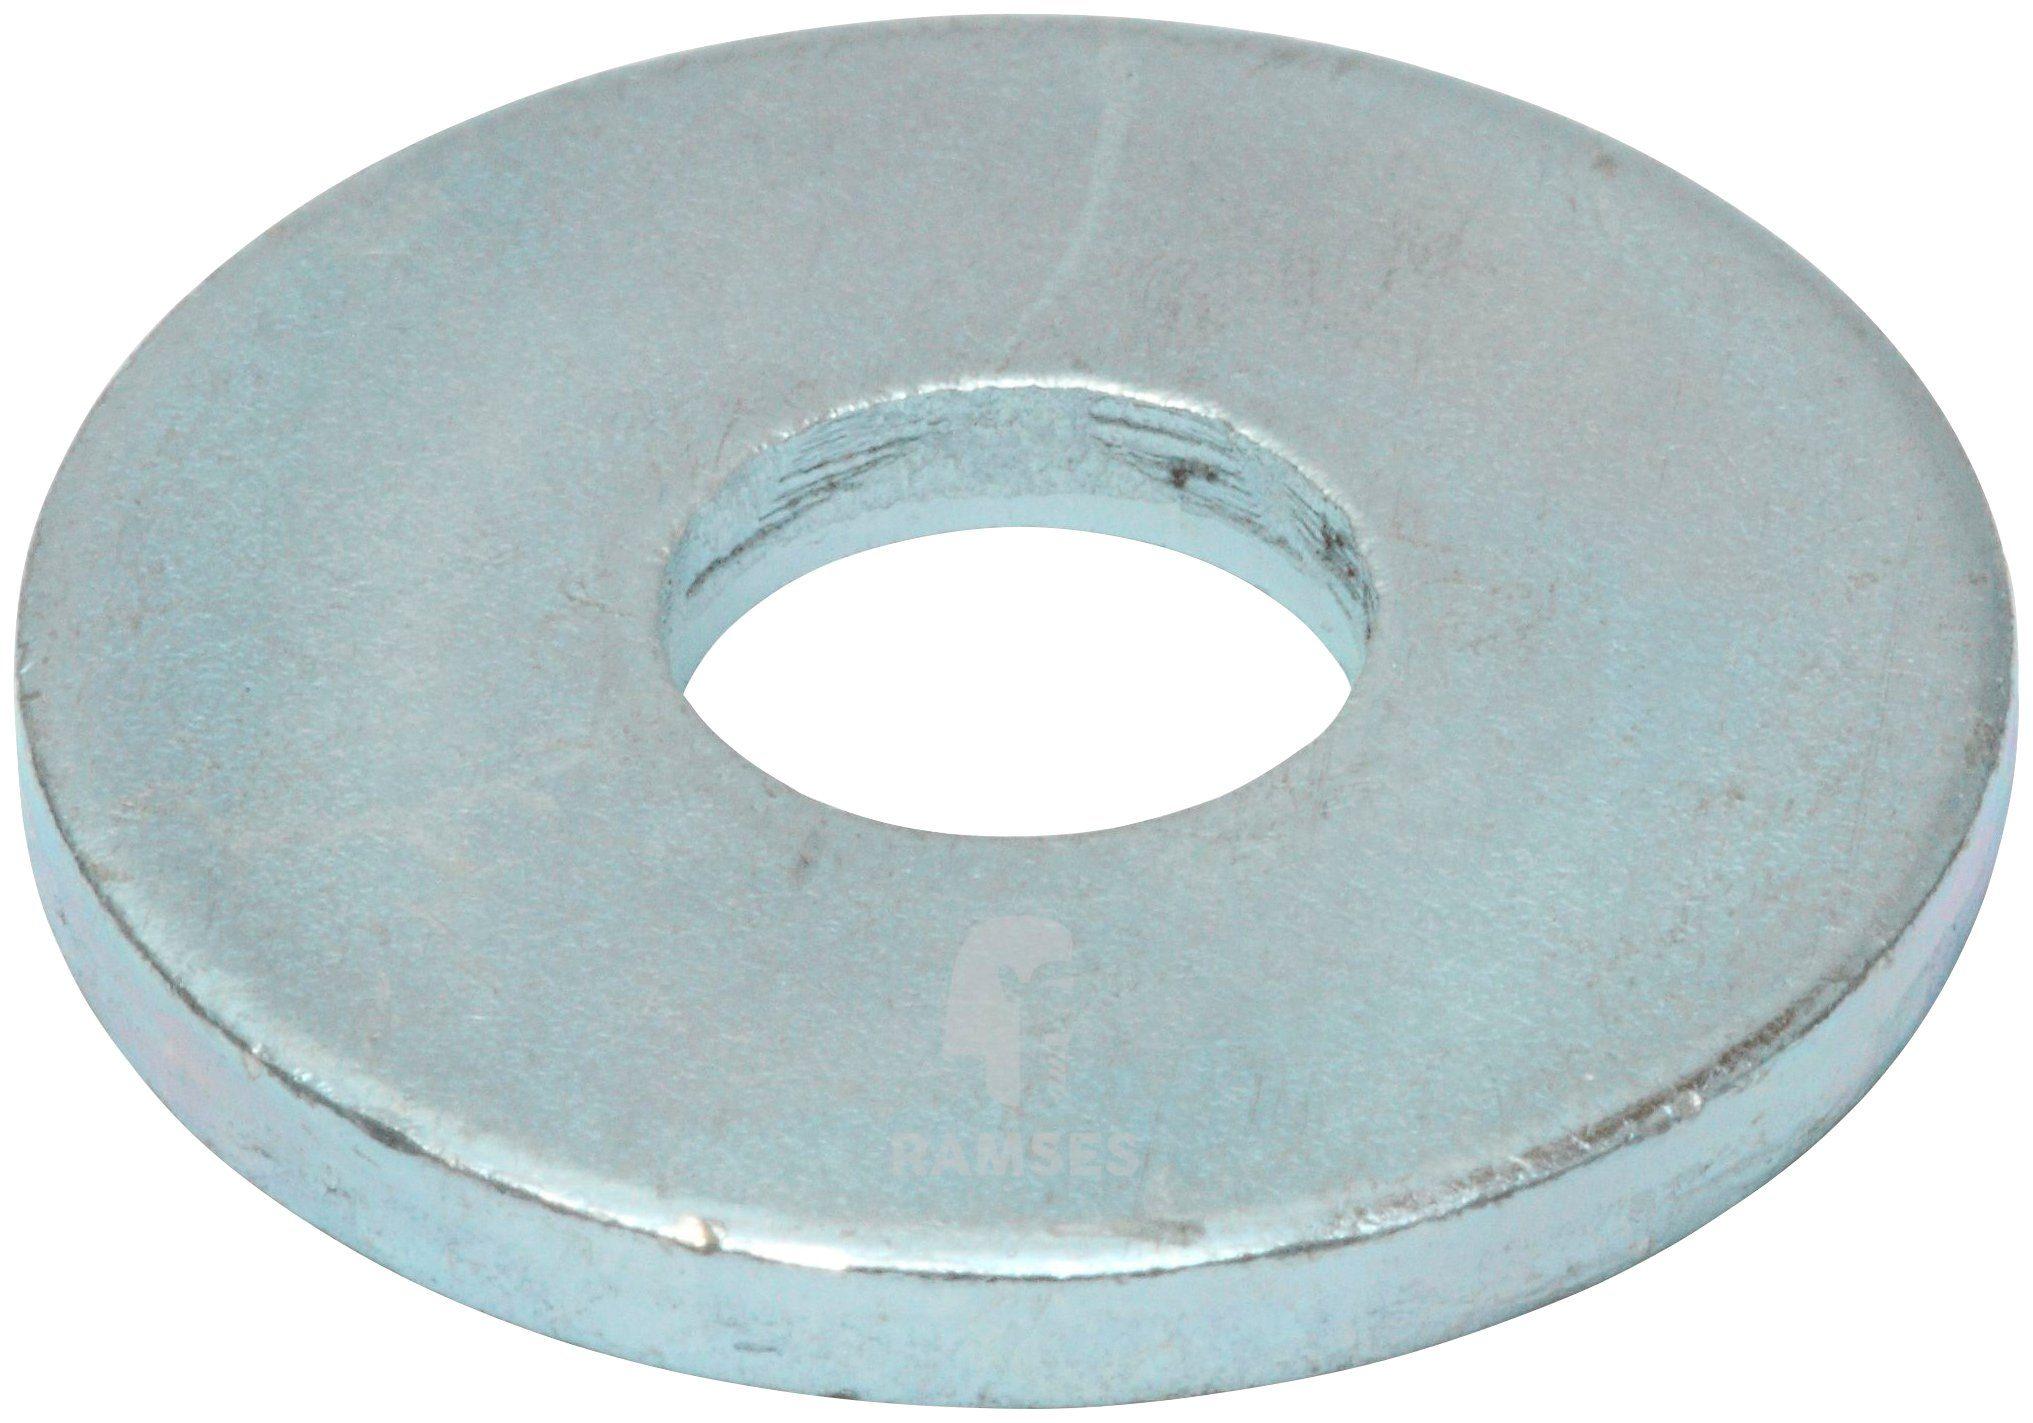 RAMSES Holzbauscheibe , DIN 440 17,5 x 56 x 5 mm Stahl verzinkt 10 Stück